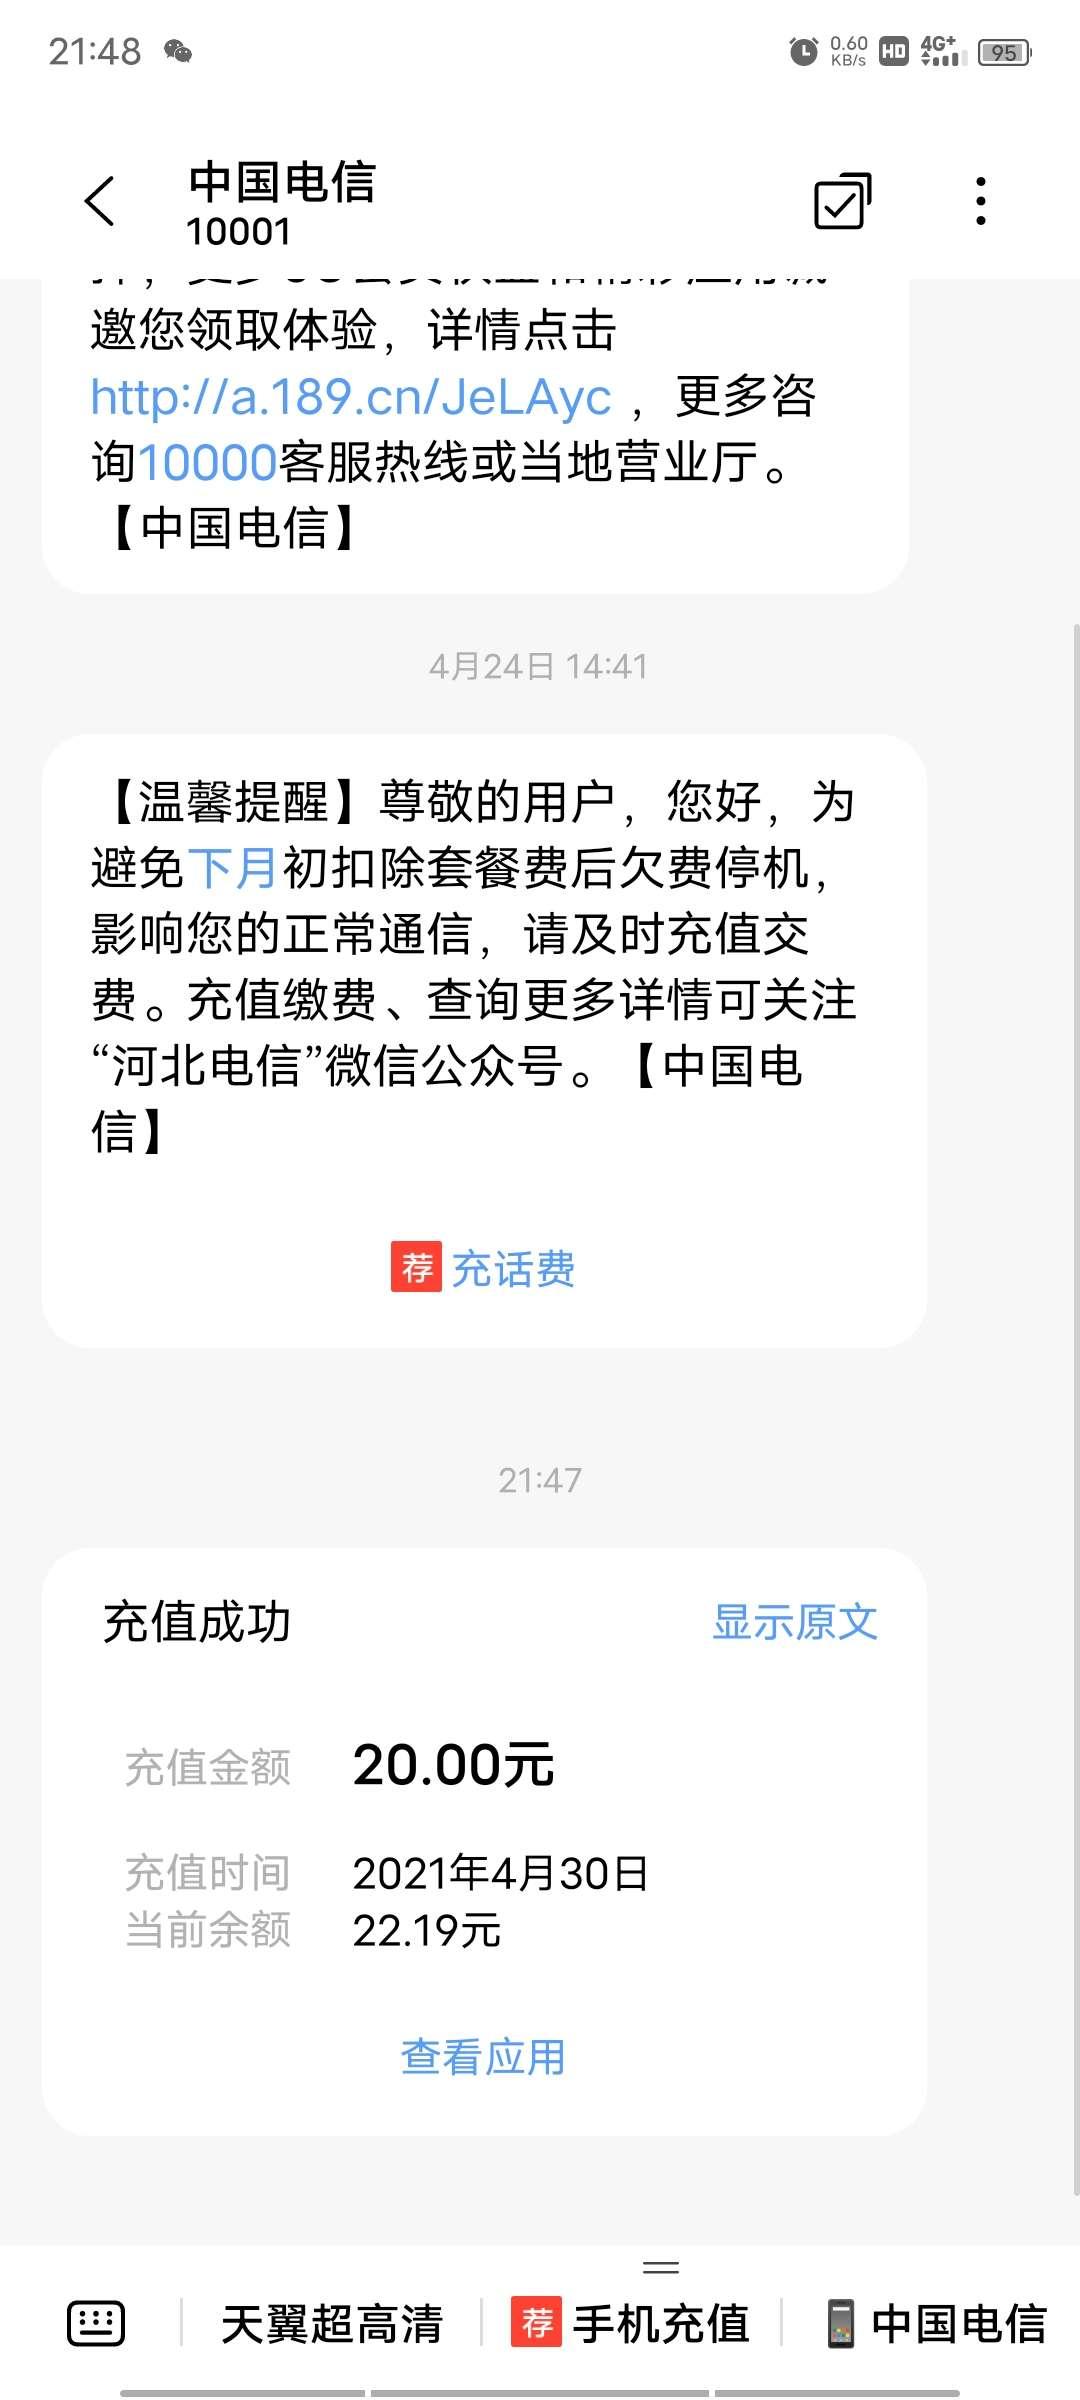 中国邮政撸20话费